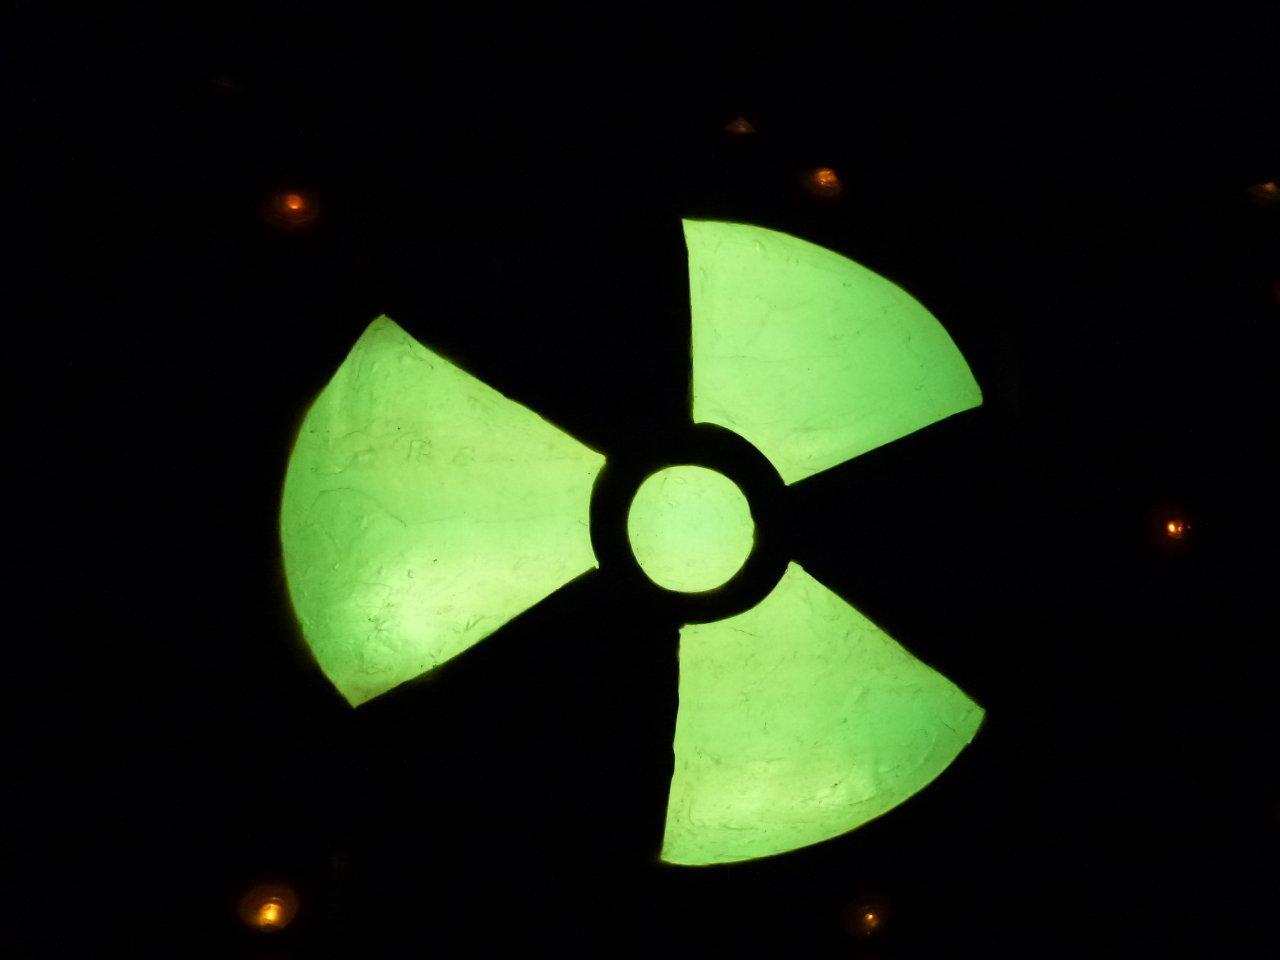 Nuklearer Terrorschutz und Rechtsprechung: Große Koalition verschiebt vorerst geplante 17. Atomgesetznovelle